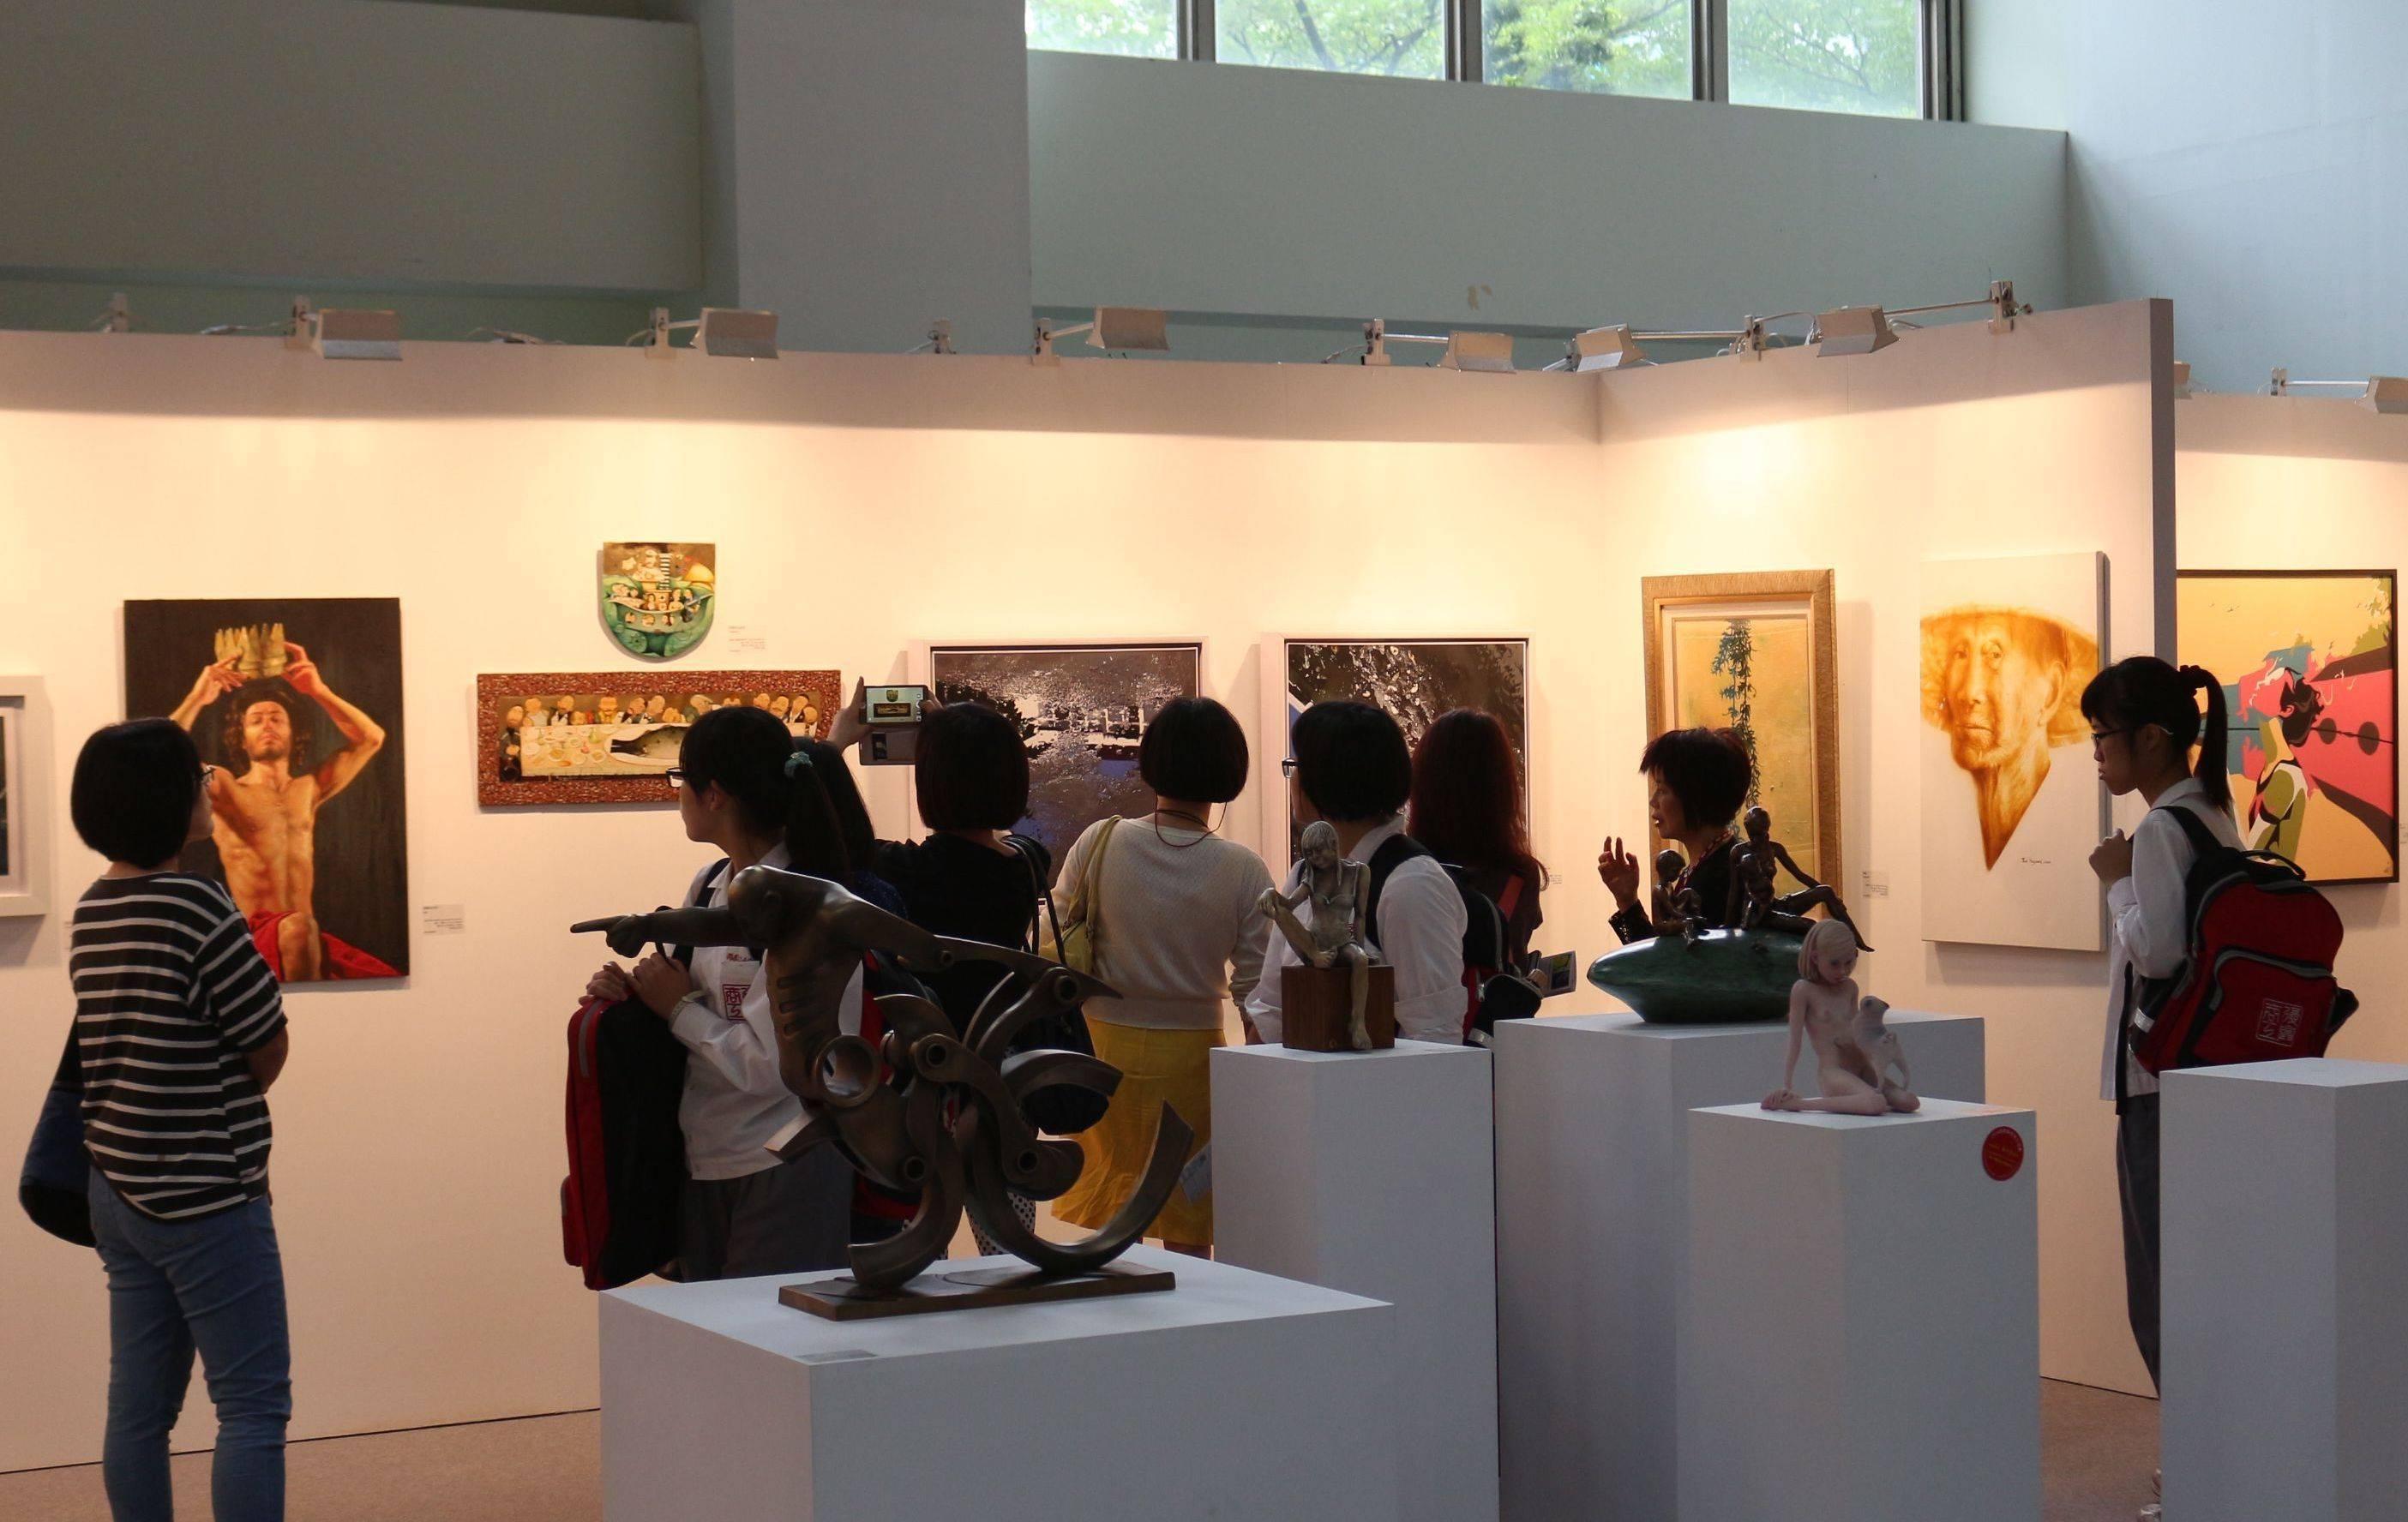 「2017國際藝術家大獎賽」即日起受理報名, 只要年滿18歲以上的藝術創作者均可參賽。